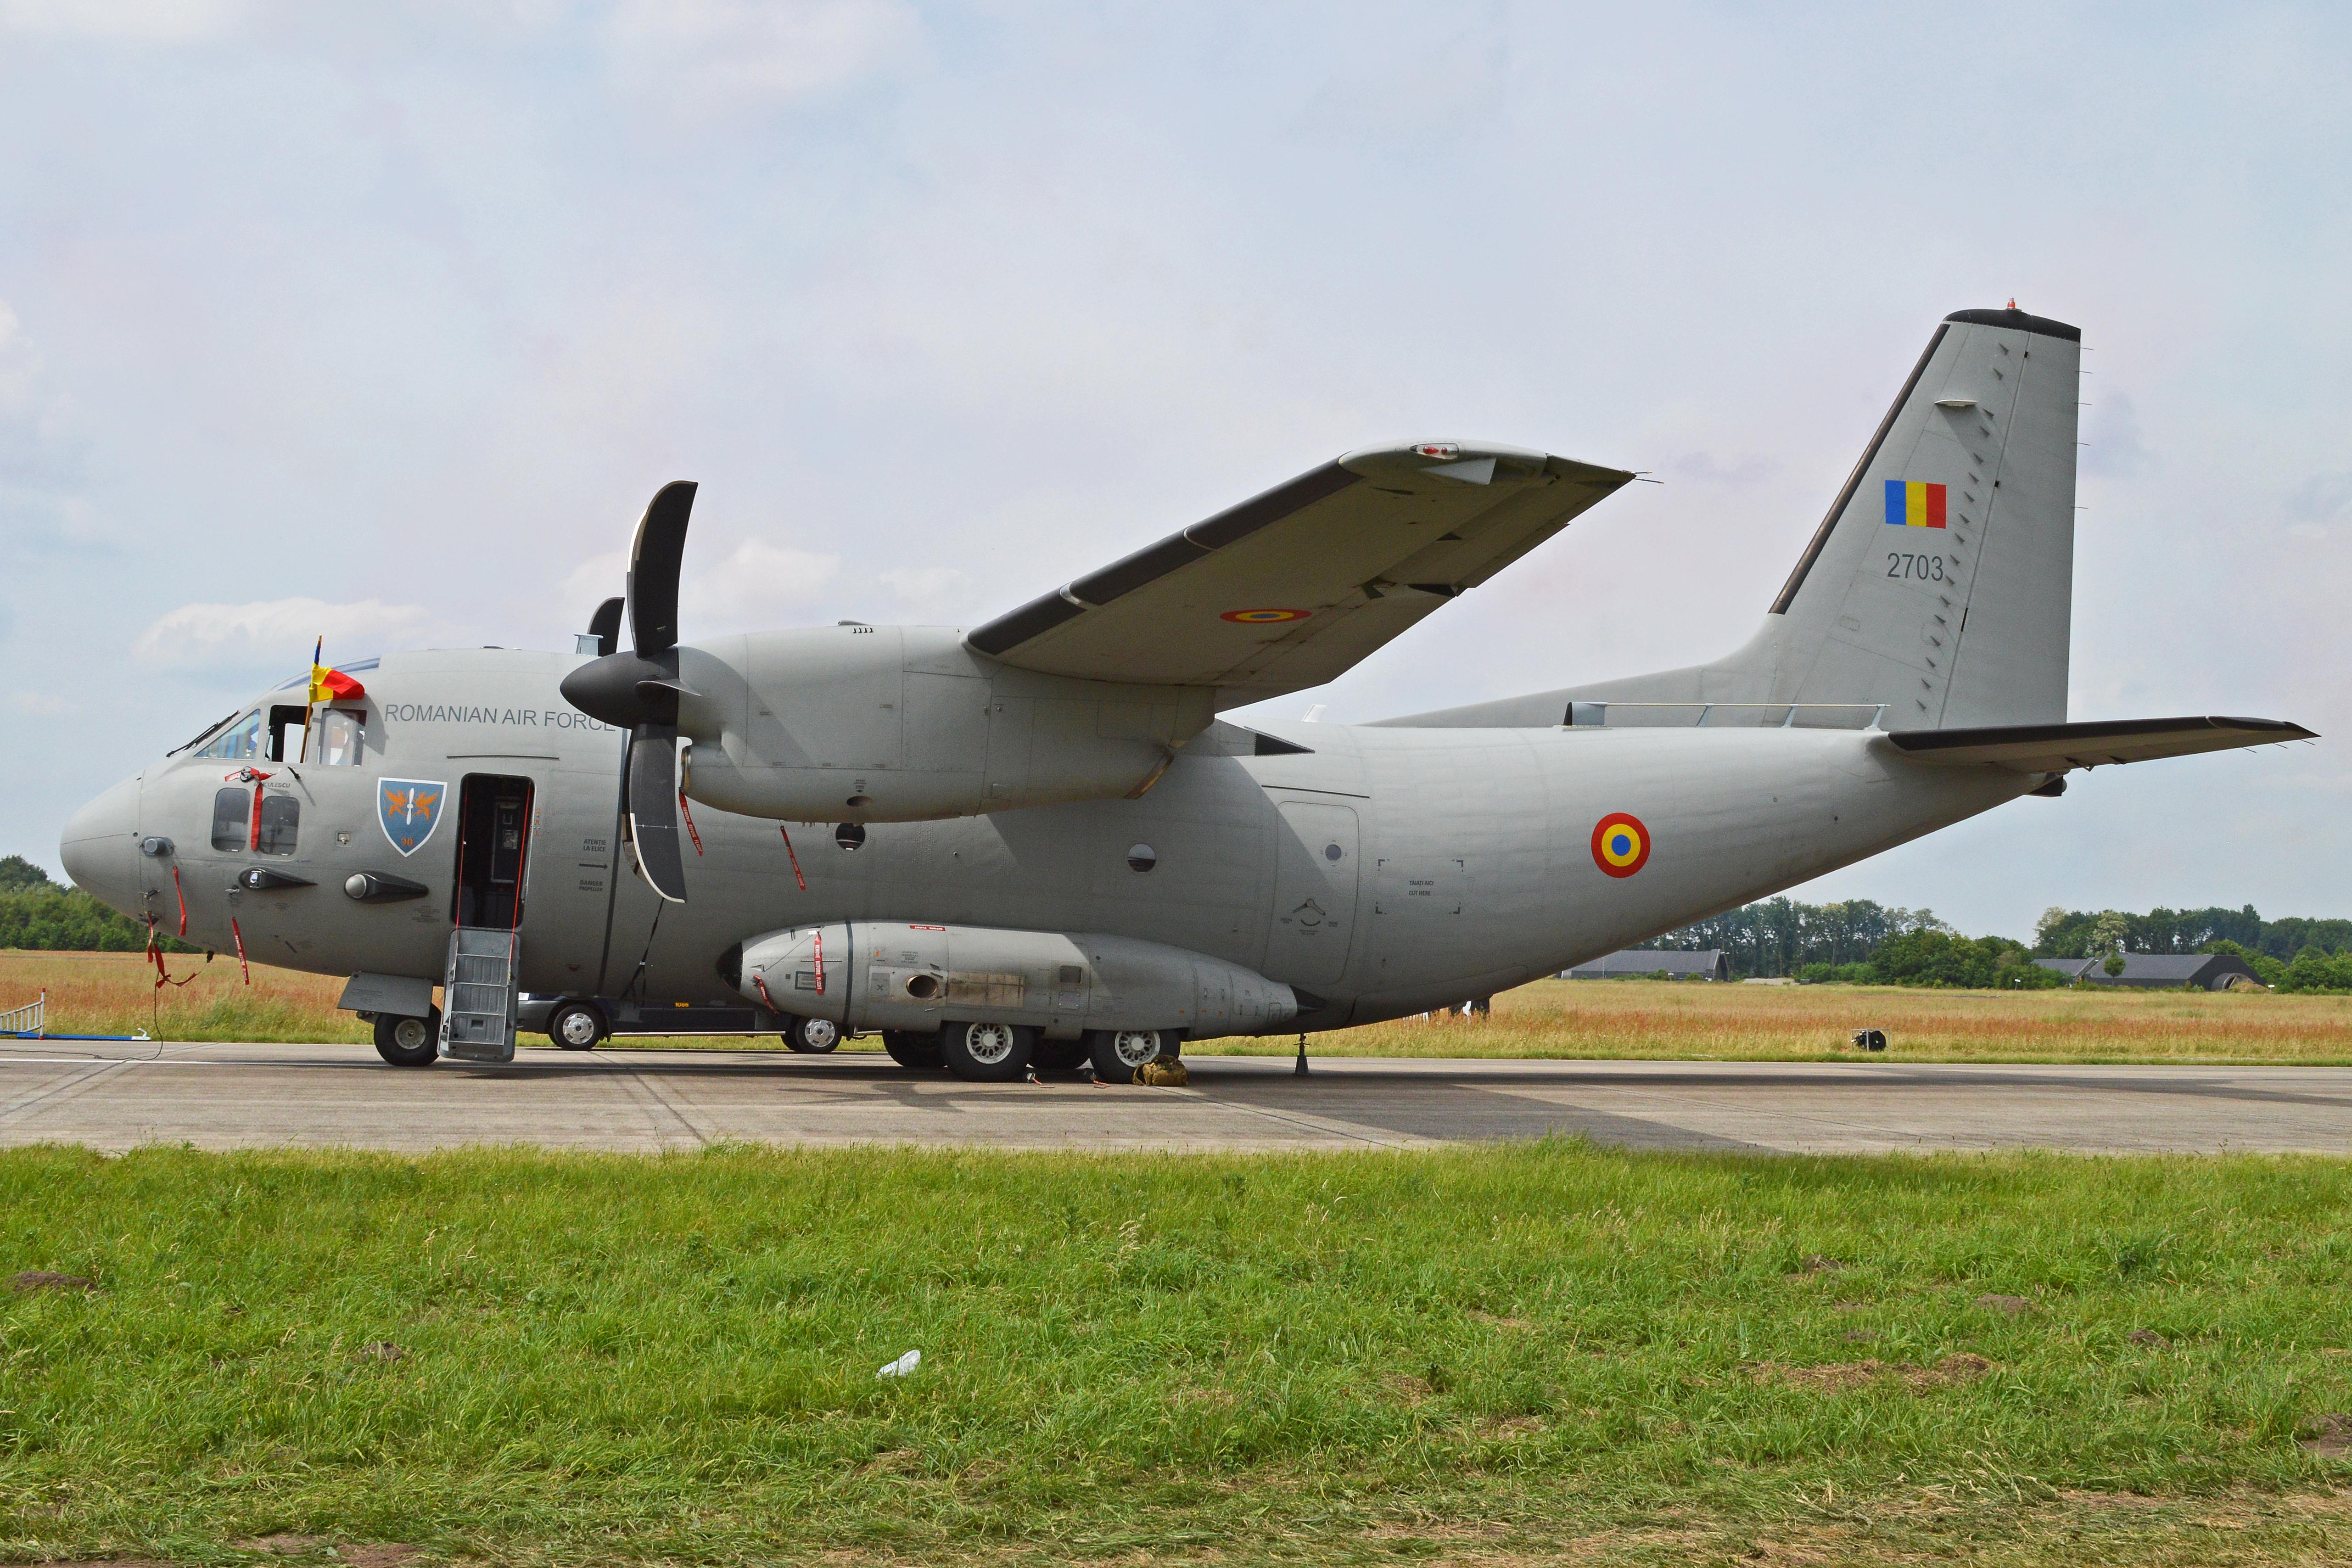 File:Alenia C-27J Spartan 2703 (9331421564).jpg